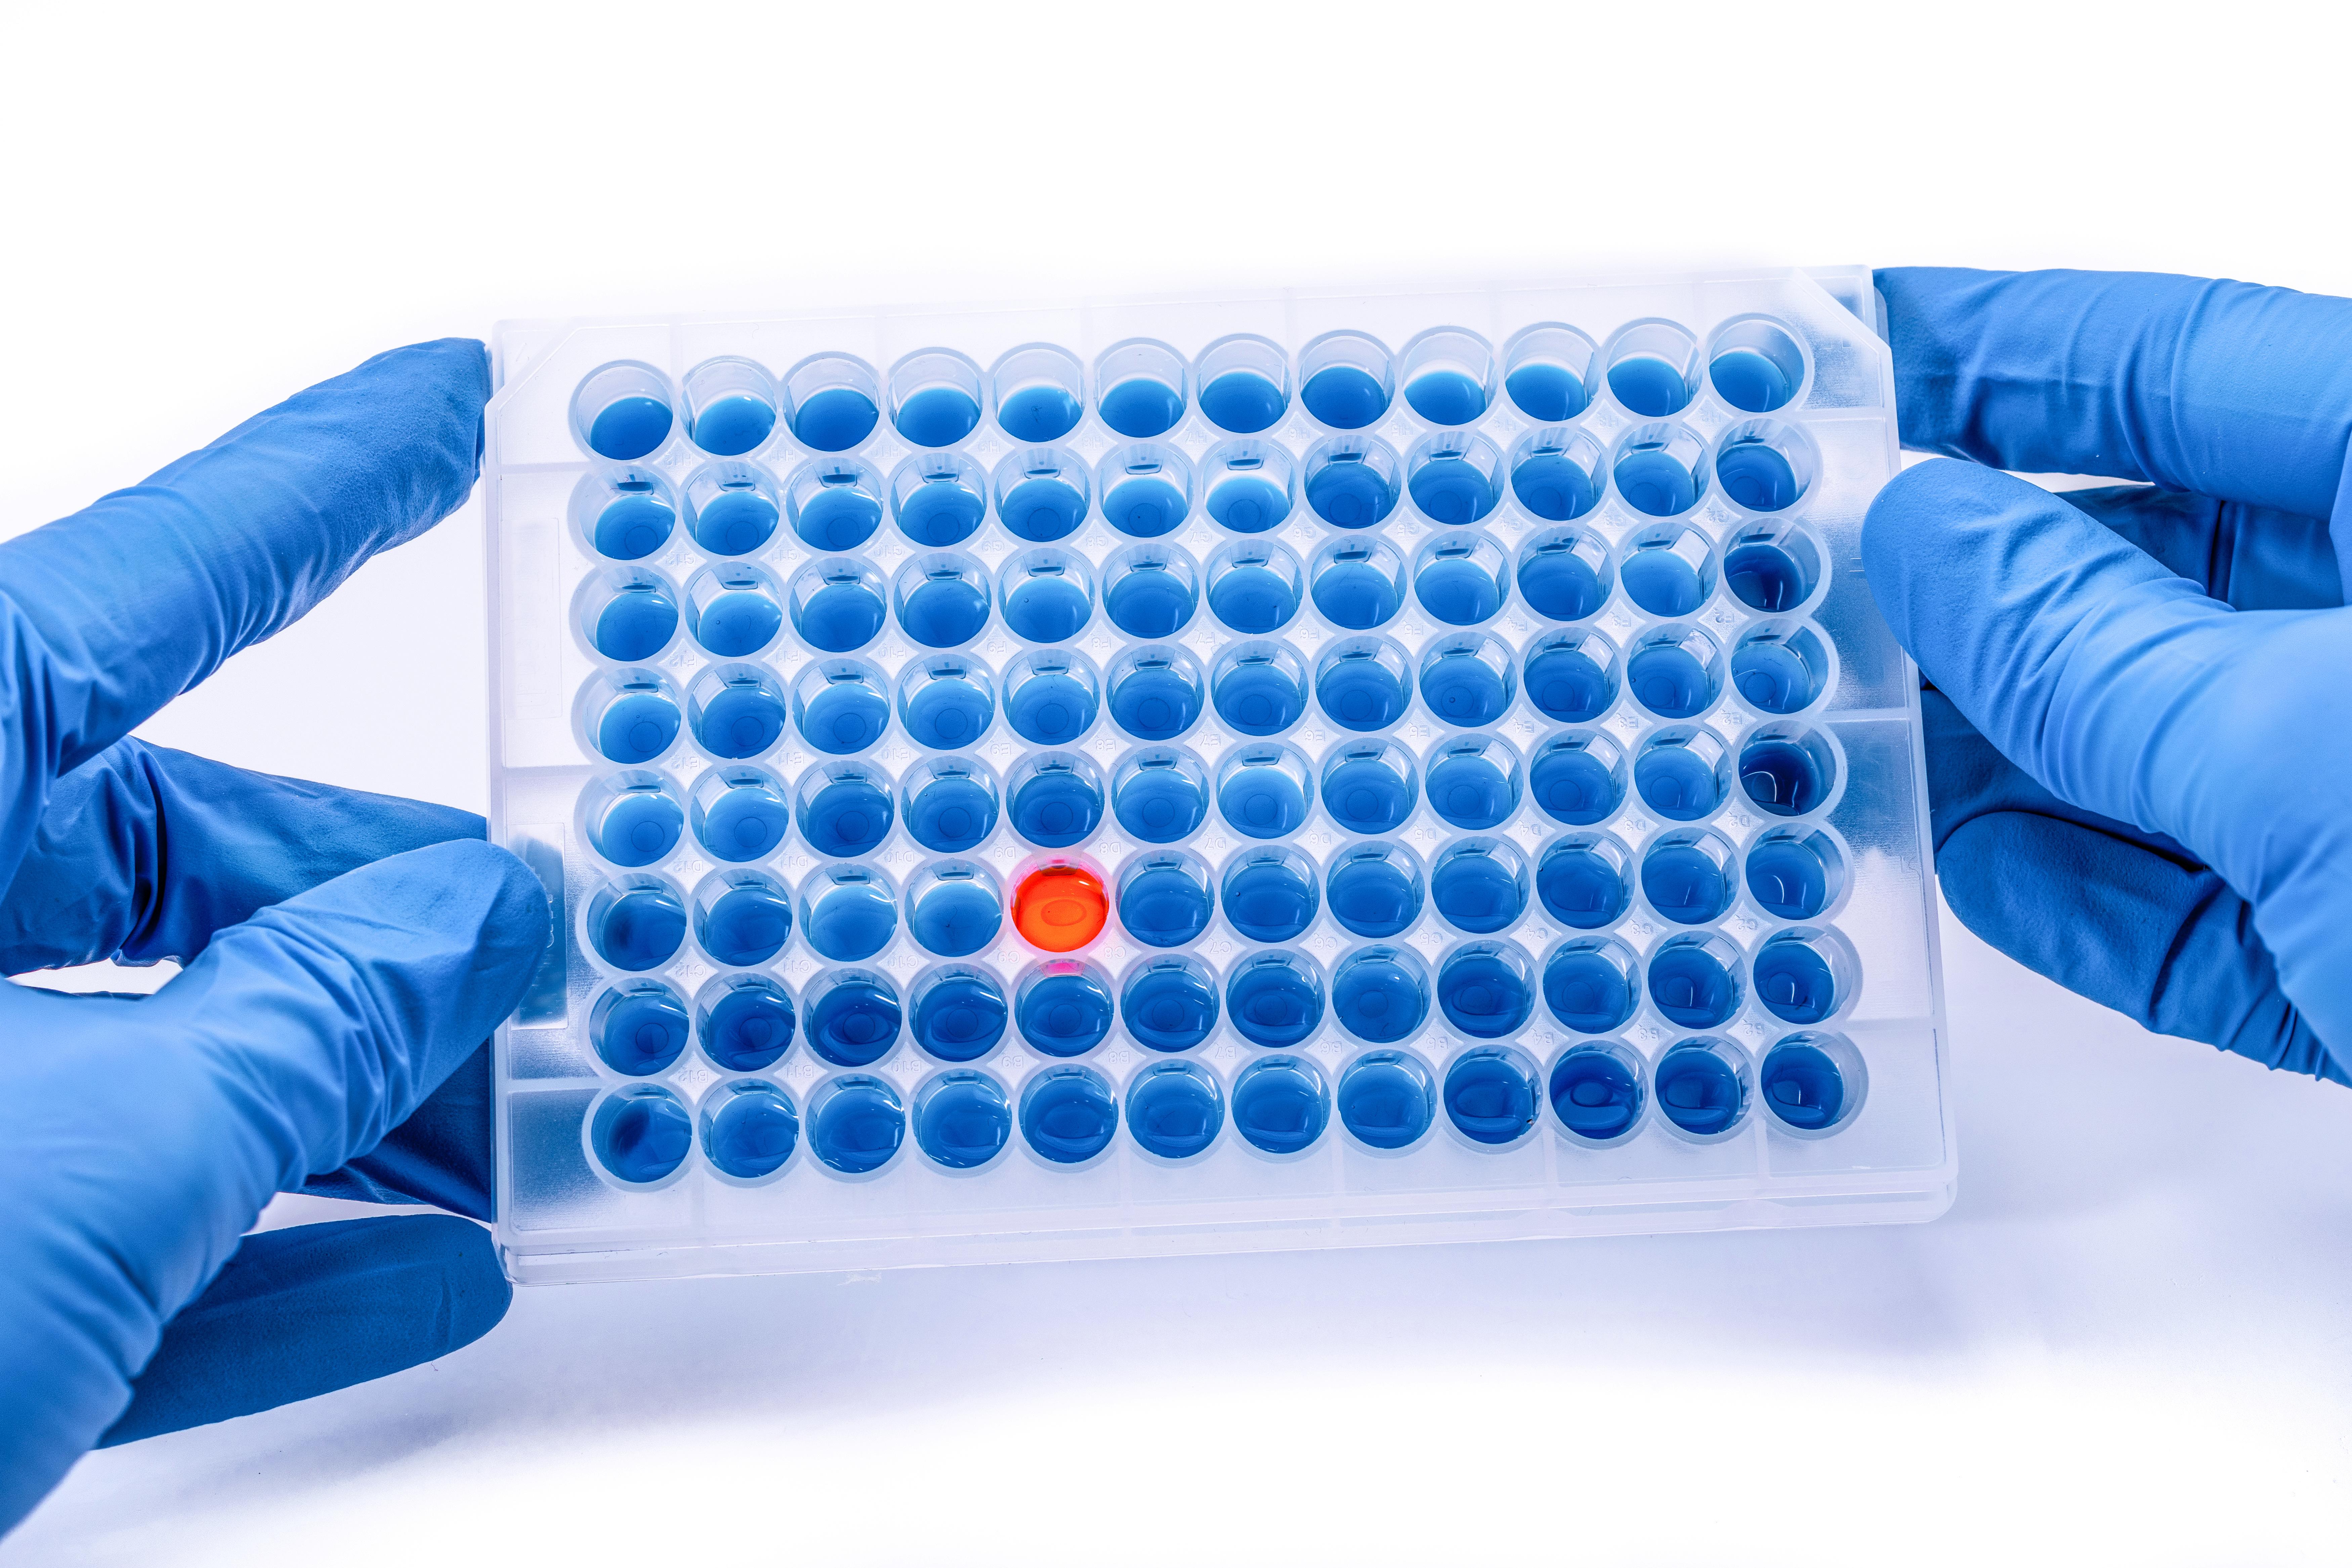 Ces données apportent une meilleure compréhension du virus lui-même et ont des implications concrètes pour le développement de virus oncolytiques basés sur HSV-1.